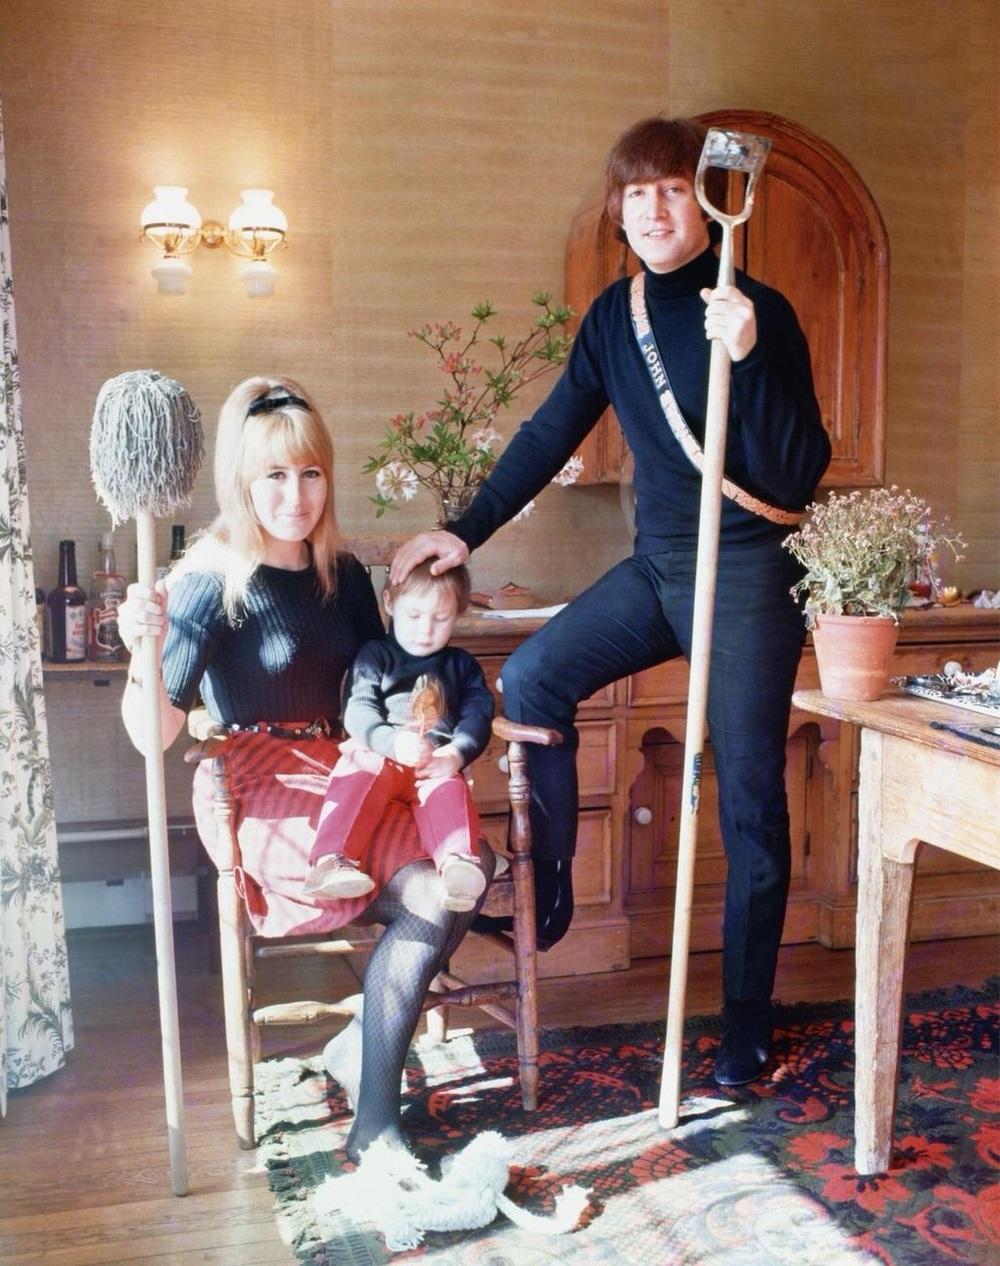 John, Cynthia and Julian Lennon at their home in Weybridge, 1965.